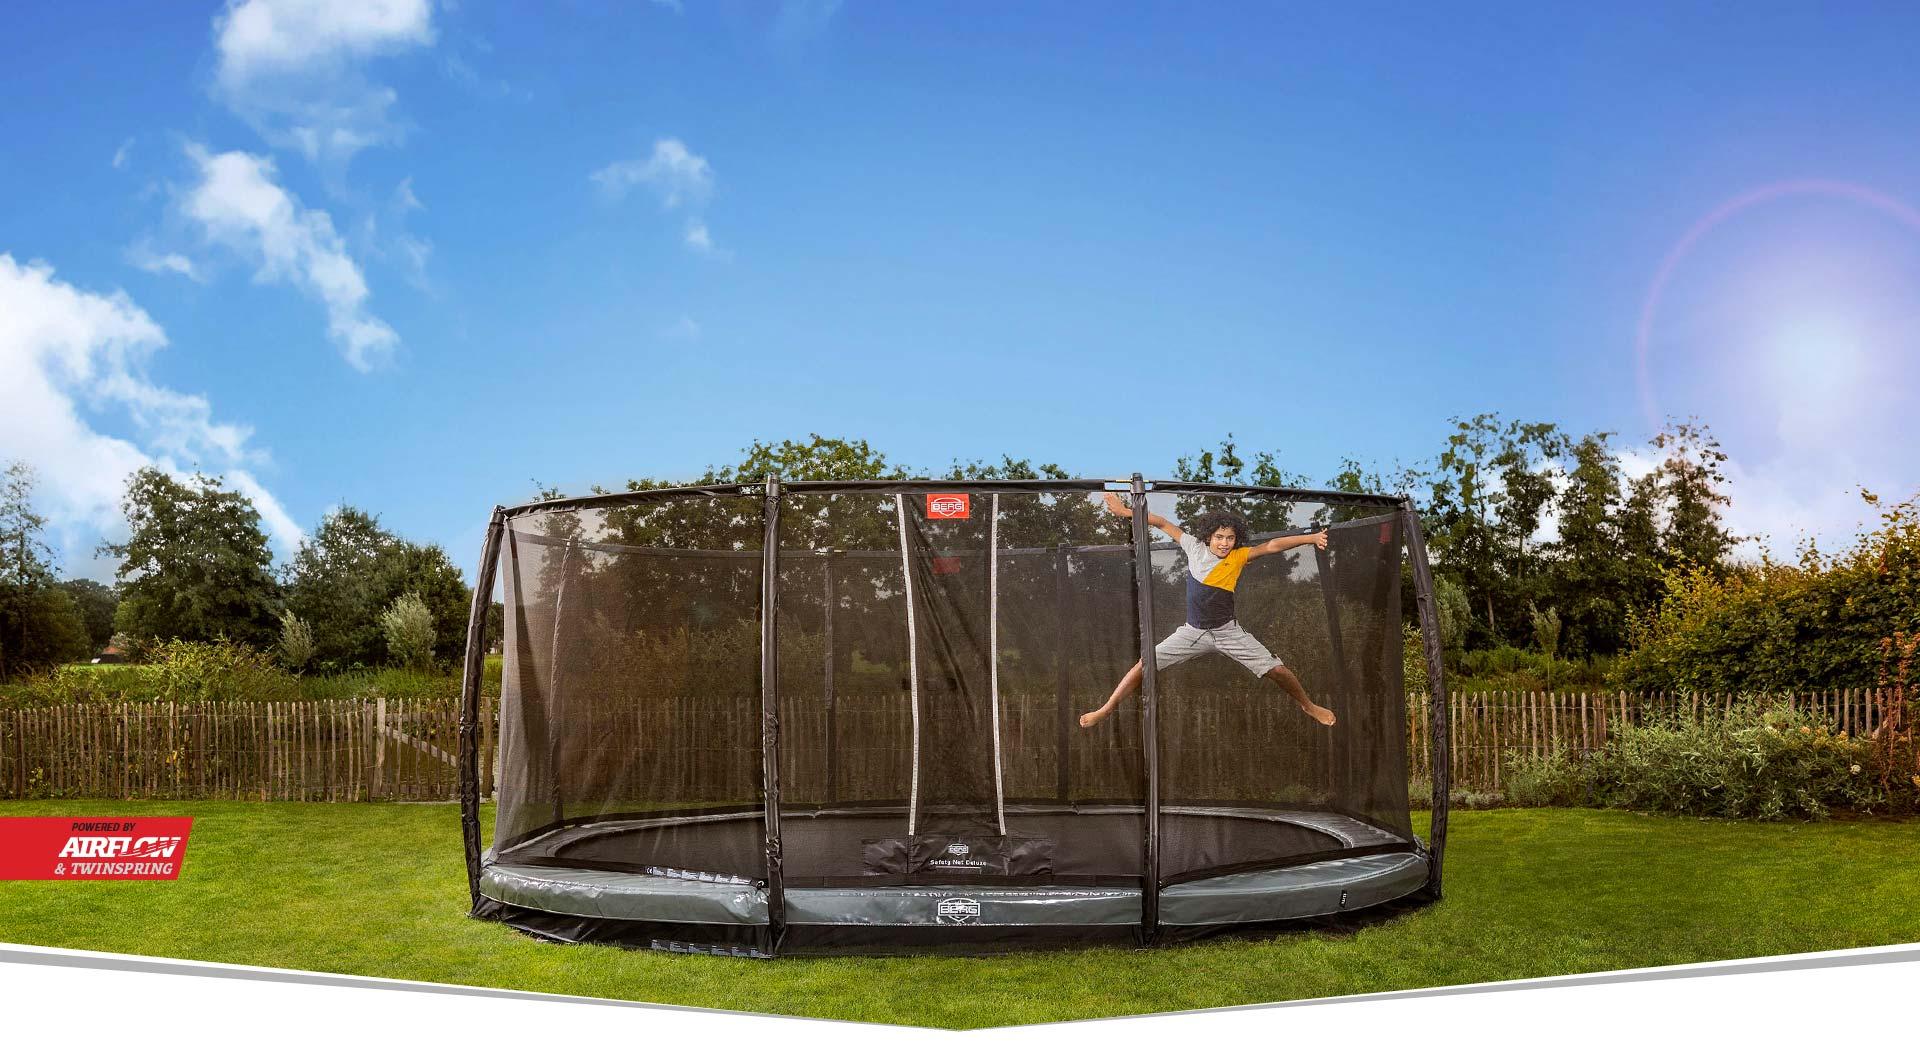 BERG GRAND TRAMPOLIN – die ovale Trampolinform macht doppelten Spaß - Beratung trampolin-profi.de